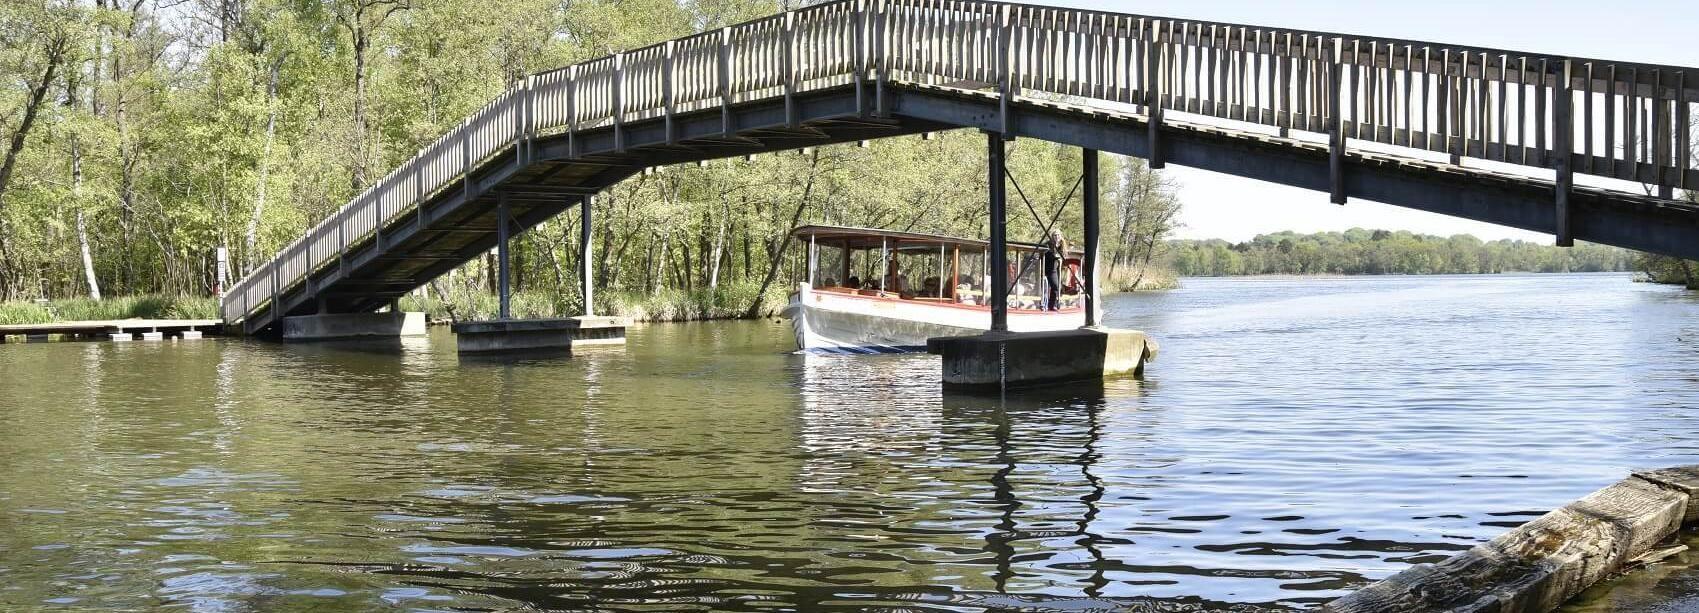 Copenaghen: gita in barca sul lago Lyngby e Millstream